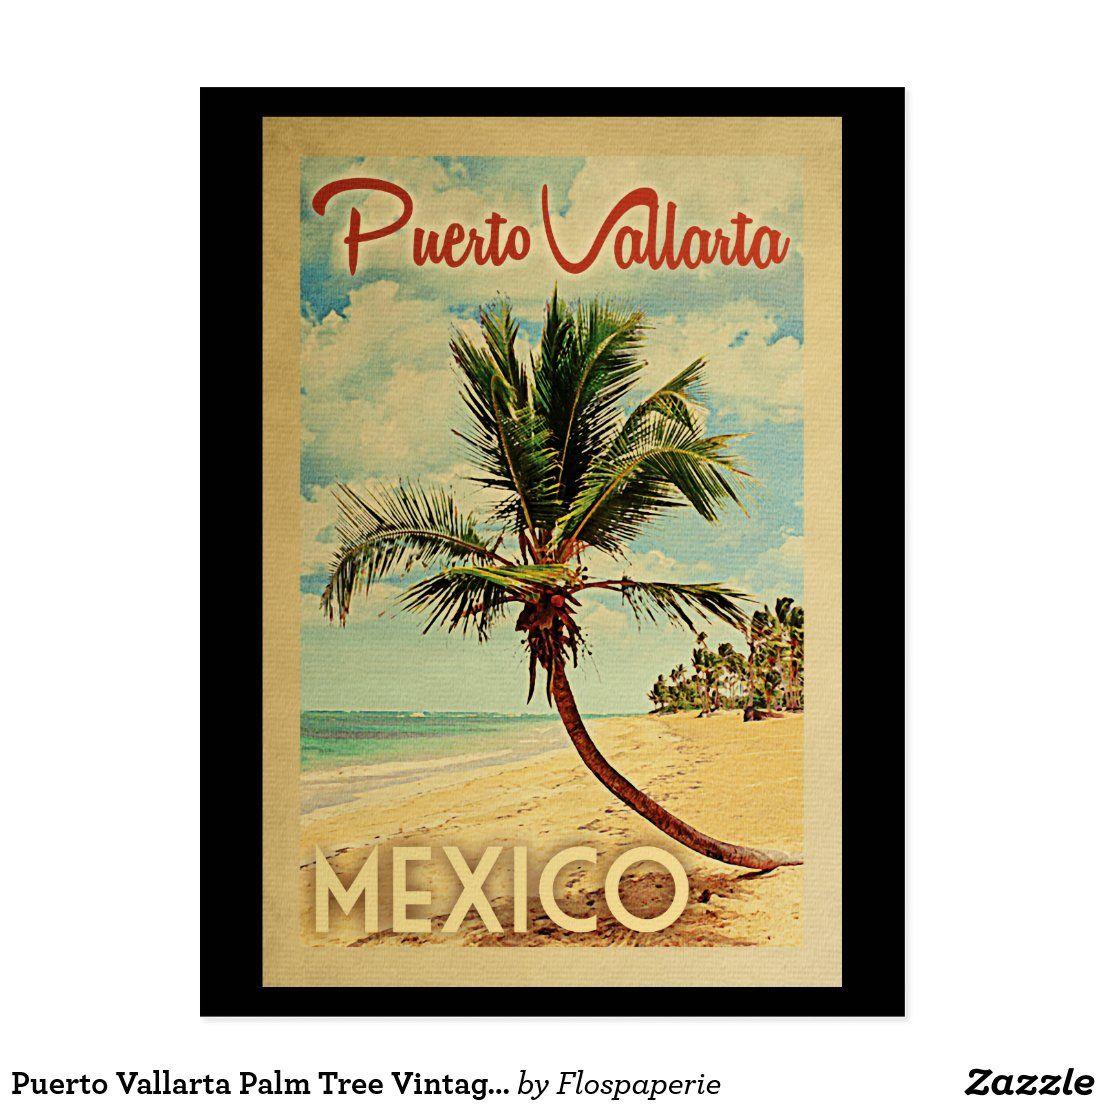 Puerto Vallarta Palm Tree Vintage Travel Postcard Zazzle Com Vintage Postcards Travel Travel Postcard Vintage Travel